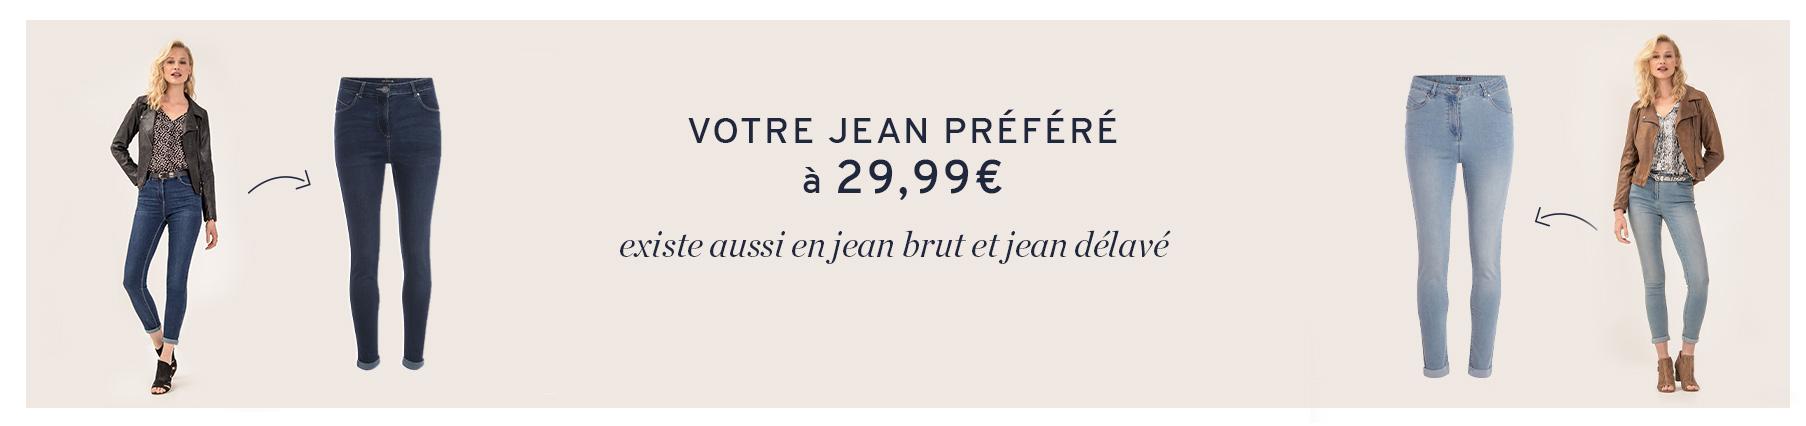 Votre jean préféré existe aussi en jean brut et jean délavé